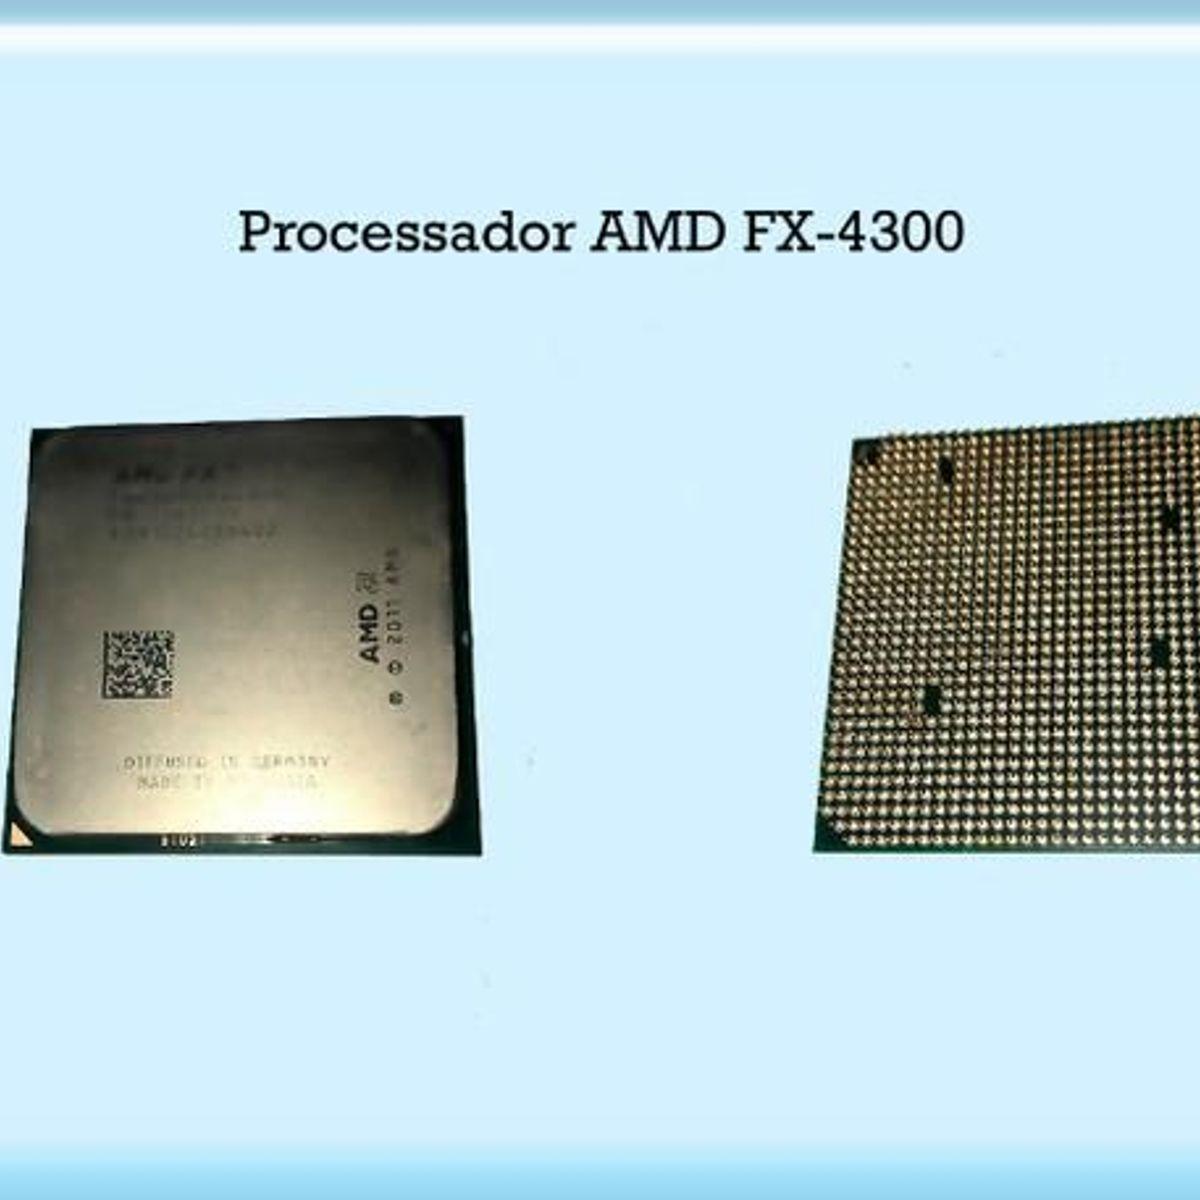 Processador Amd Fx 4300 Jogo De Computador Amd Usado 40952827 Enjoei